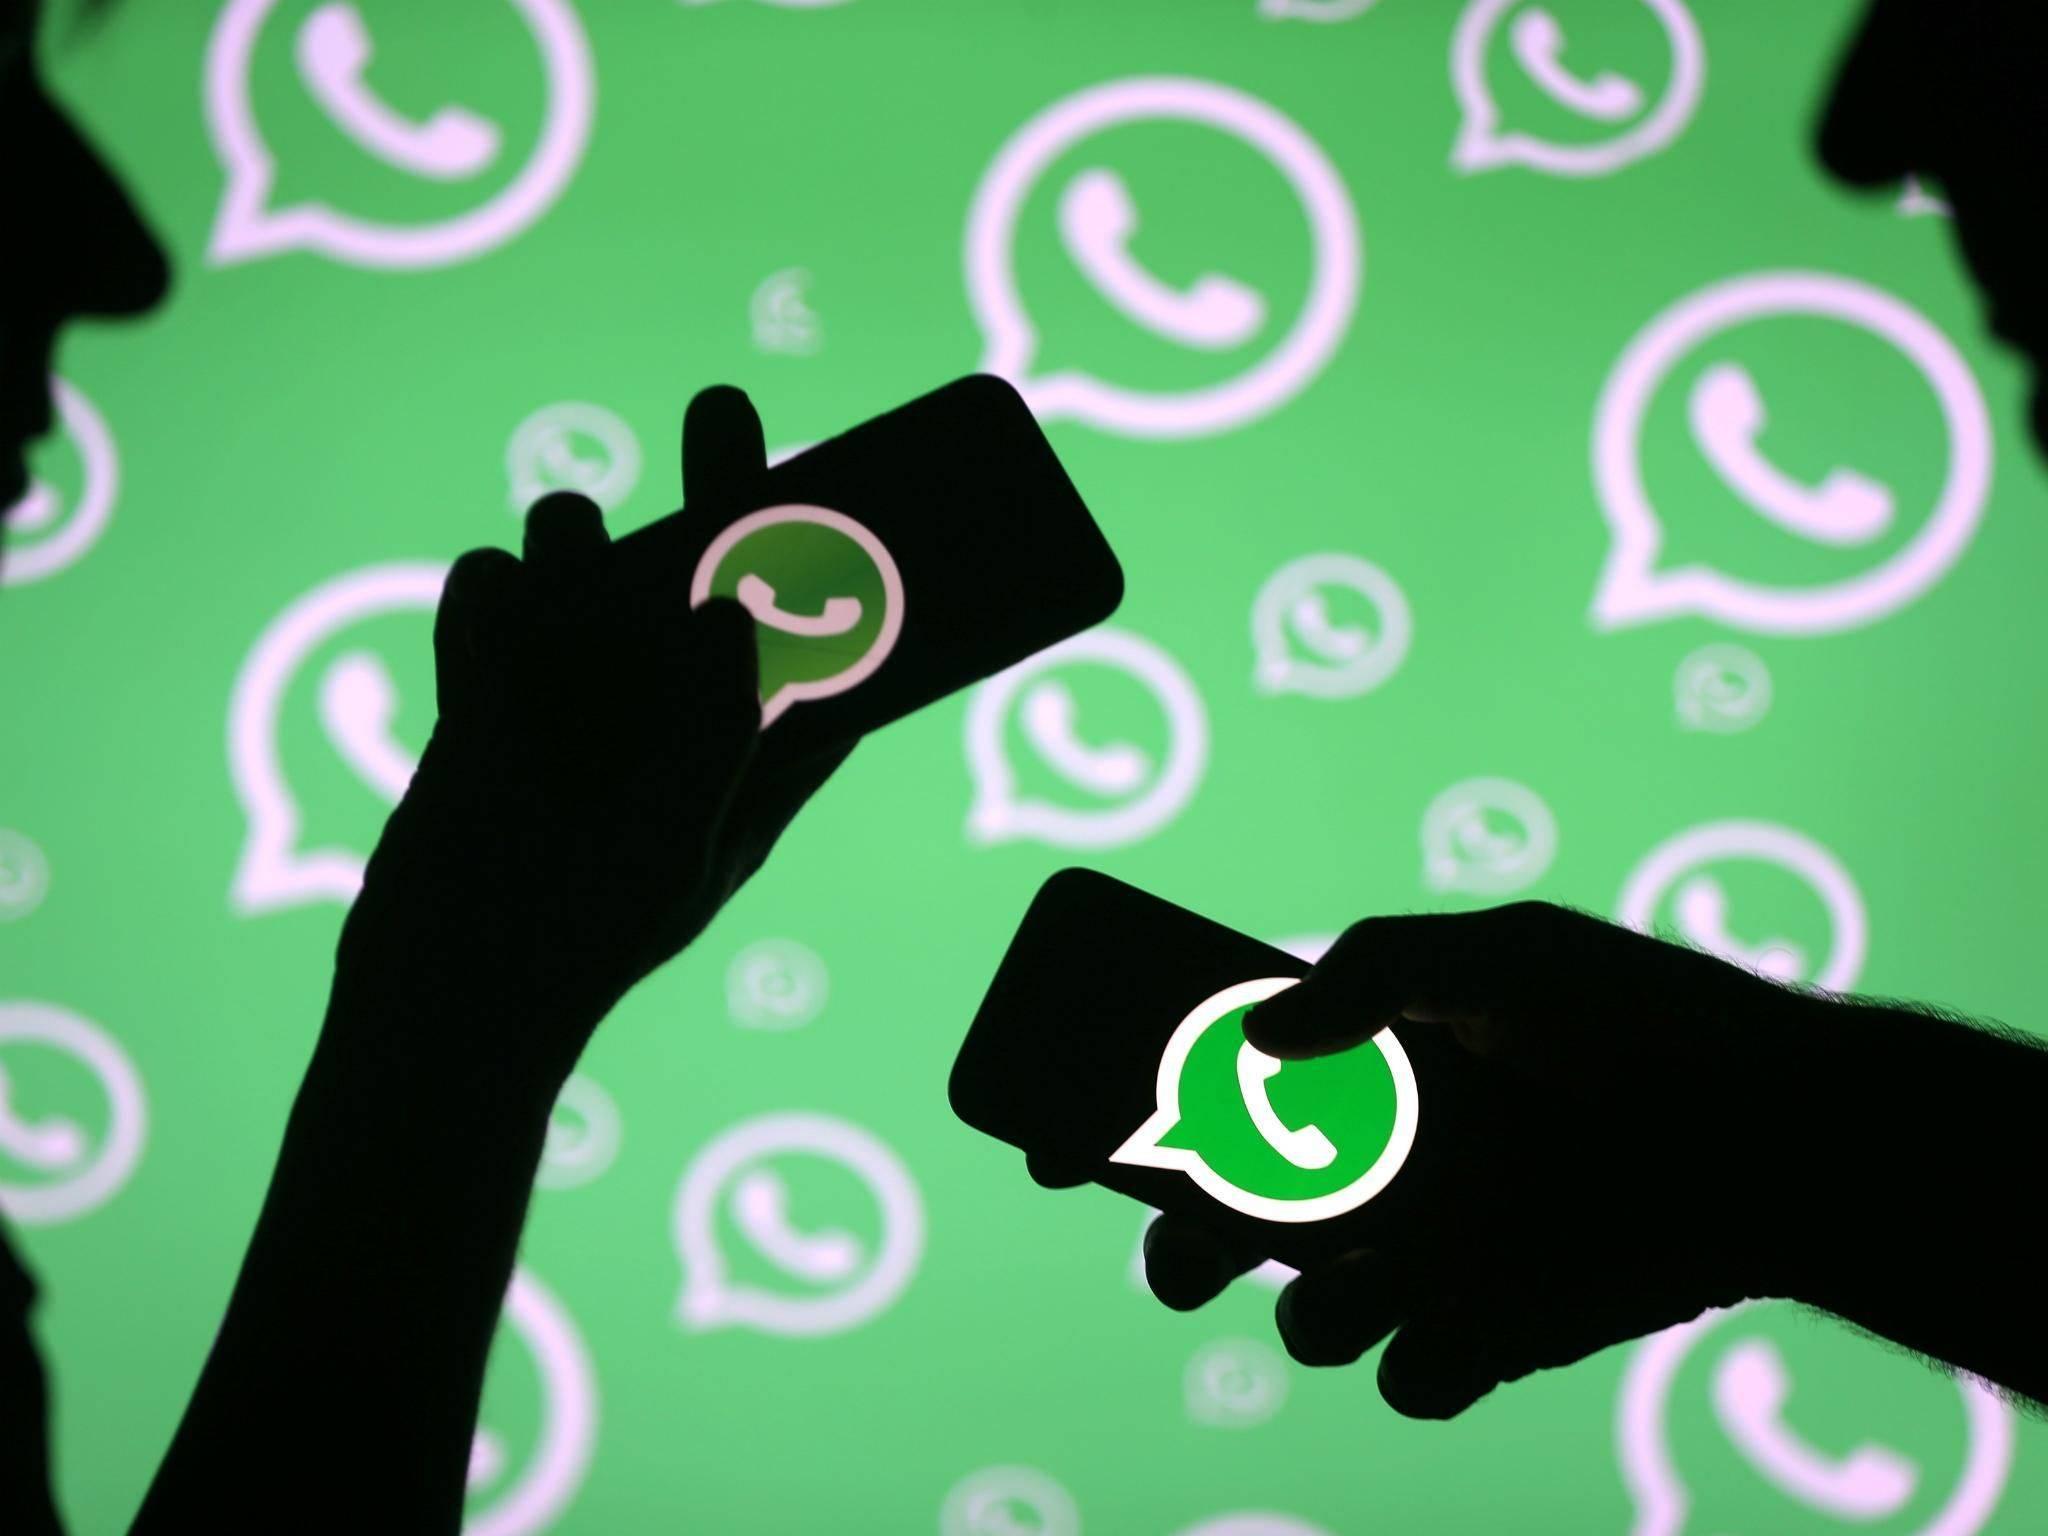 """Resultado de imagem para O WhatsApp Beta para Android traz uma nova função que avisa quando uma mensagem foi encaminhada de outra conversa. A partir da versão 2.18.179, o aplicativo passa a mostrar o rótulo """"Encaminhado"""" acima da mensagem, indicando se o conteúdo é de autoria do contato ou não. Apenas usuários da versão de testes do WhatsApp para Android podem ver a nova indicação, independentemente de quem enviou. Em testes conduzidos pelo TechTudo, o balão é exibido em textos, imagens e vídeos encaminhados de outras pessoas usando Android ou iPhone (iOS). O aviso não aparece quando o conteúdo foi criado pelo próprio usuário. O site WABetaInfo, especializado em vazamentos de funções do WhatsApp, menciona que o aviso de mensagem encaminhada é válido apenas para mensagens novas. No entanto, o TechTudo conseguiu reproduzir o recurso também ao encaminhar conversas antigas. Em qualquer cenário, porém, o aplicativo não informa o nome do autor da mensagem original. Da mesma forma, ele não fica sabendo se as informações foram repassadas a terceiros. O mensageiro corre atrás do Telegram, que oferece funcionalidade parecida há mais tempo. Além de informar quando uma mensagem é fruto de encaminhamento, o mensageiro rival do WhatsApp mostra quem criou o conteúdo e permite abrir uma conversa com o autor com um toque. Foto: Reprodução/Paulo Alves/TechTudo Fonte: TecTudo"""